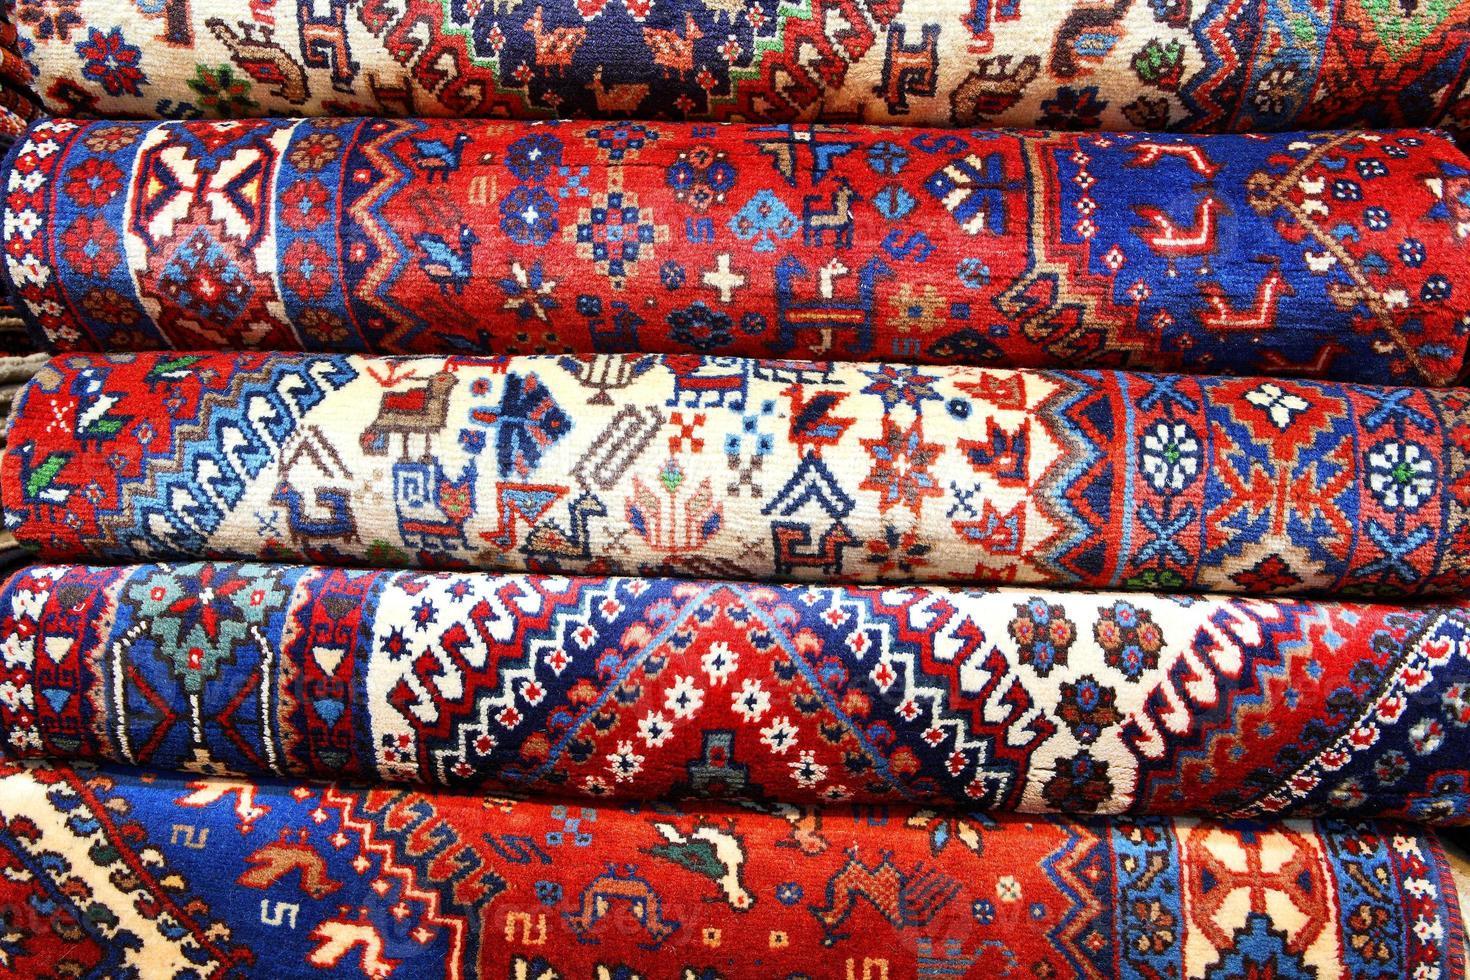 tapetes persas com várias cores foto